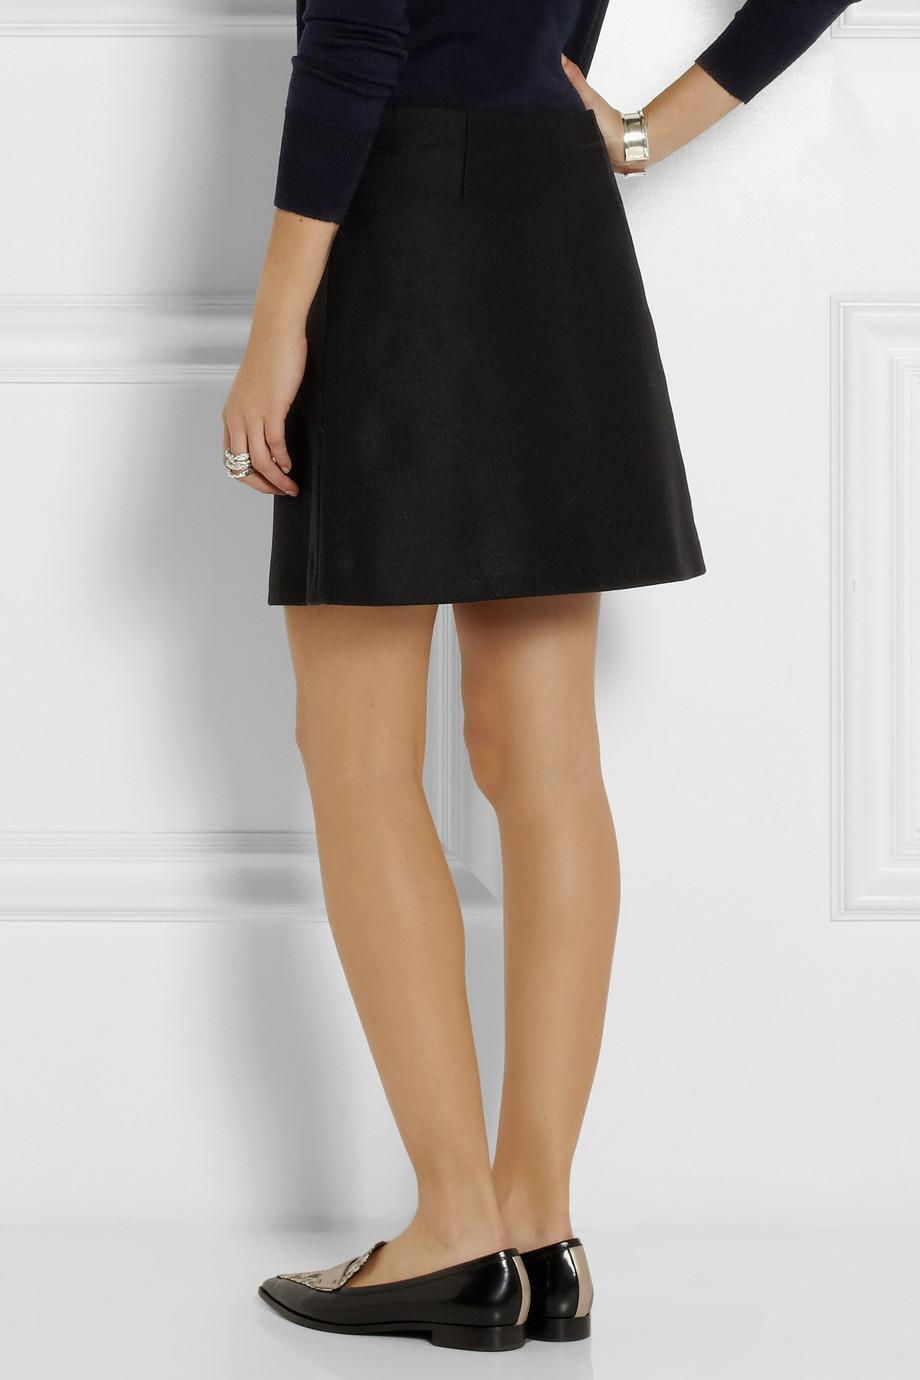 Marni Wool-Blend Felt Mini Skirt in Black | Lyst